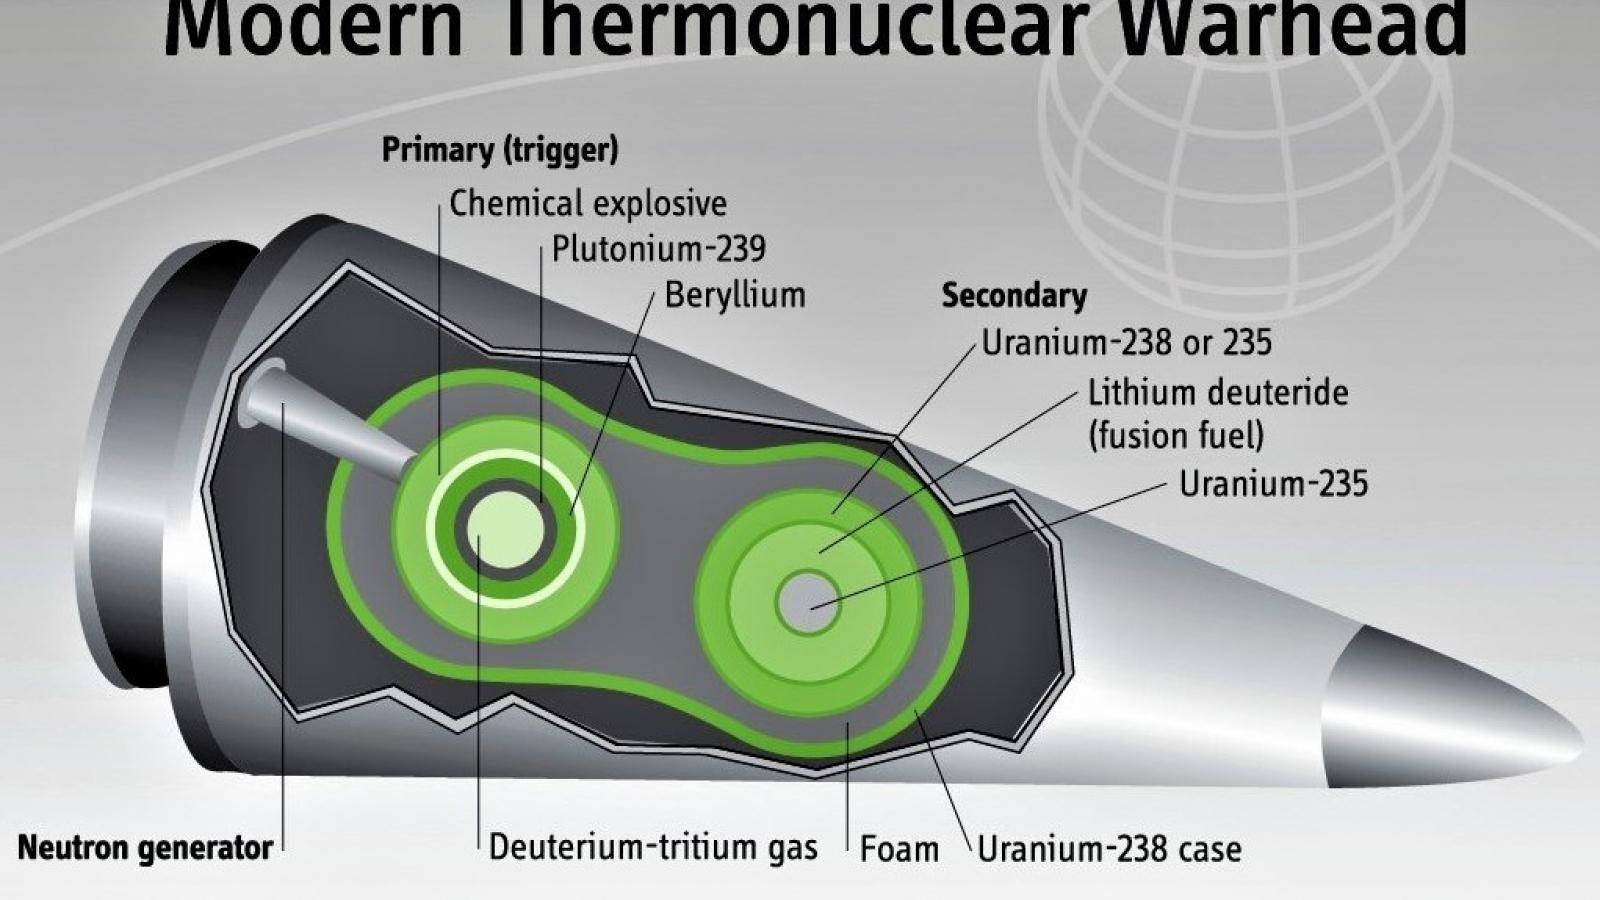 """W76-2 - Vũ khí hạt nhân chiến thuật """"thực sự đáng kinh ngạc"""" của Mỹ?"""